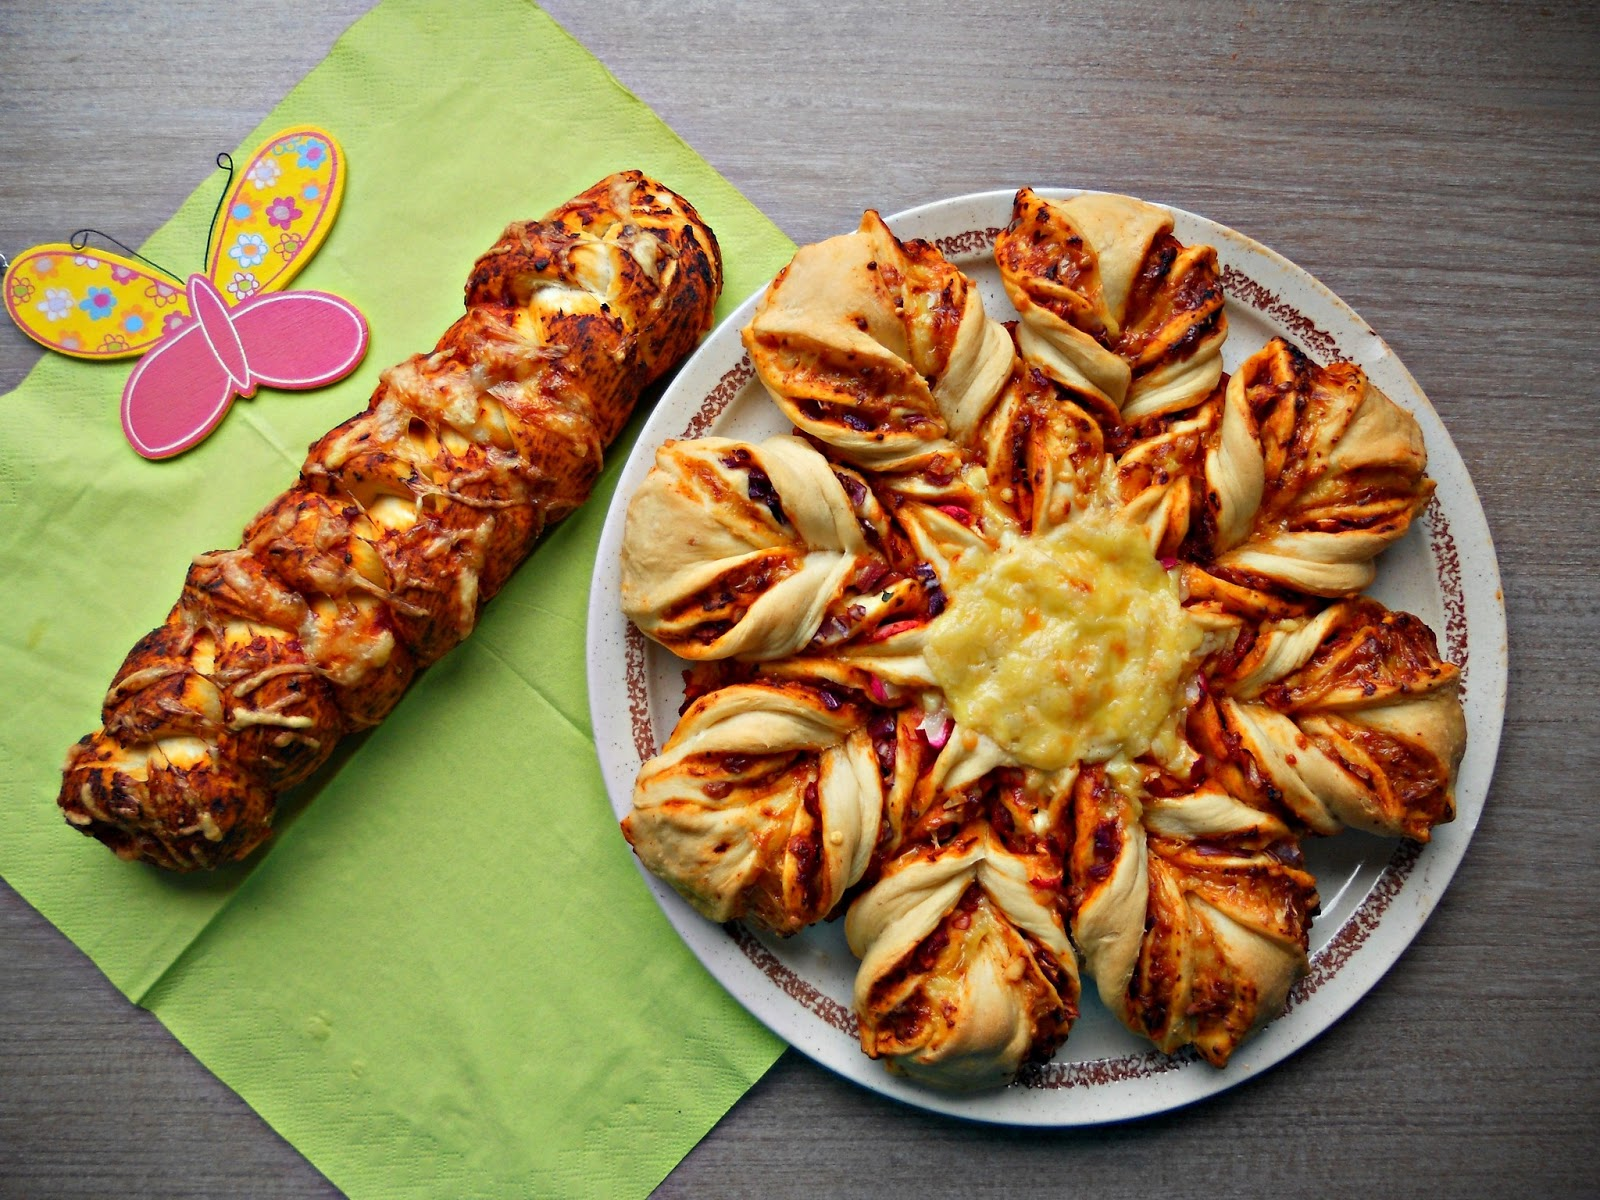 laura 39 s liebliche leckereien herzhafte hefe calzone blume pizza hefezopf. Black Bedroom Furniture Sets. Home Design Ideas